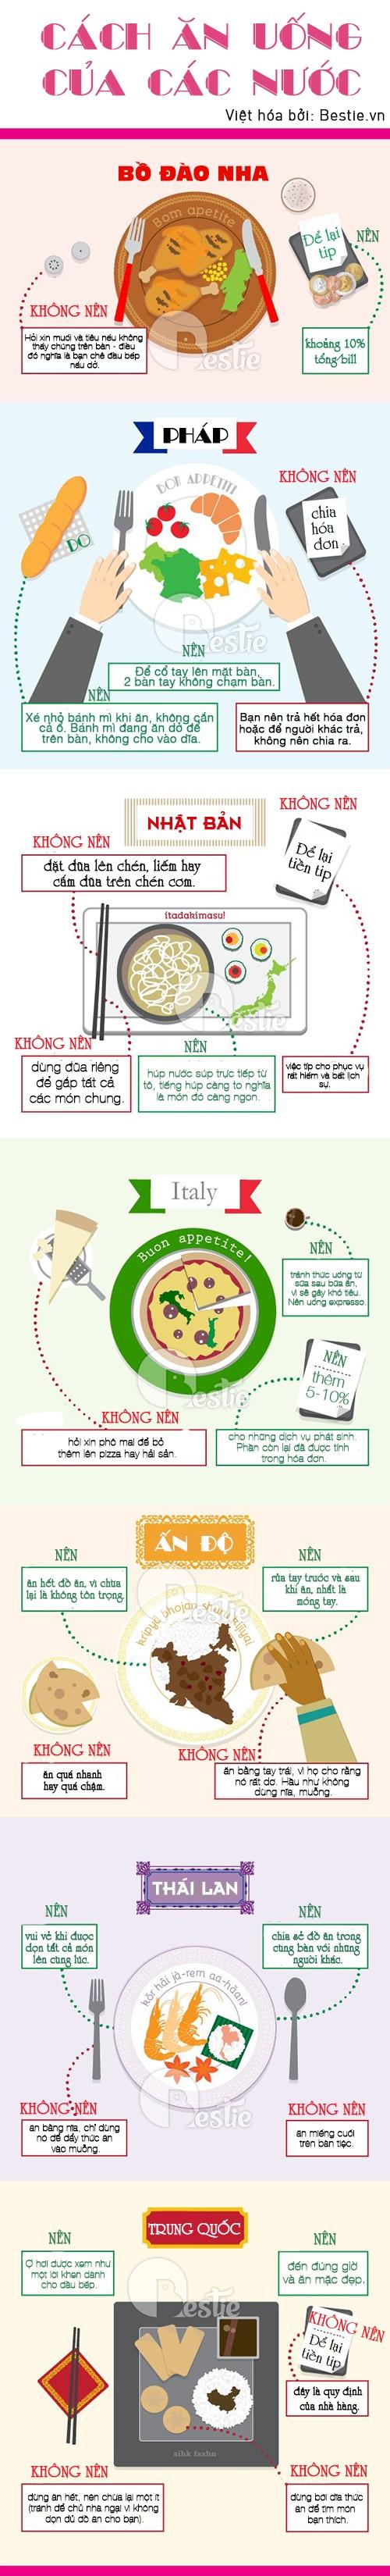 cách ăn uống của các nước trên thế giới